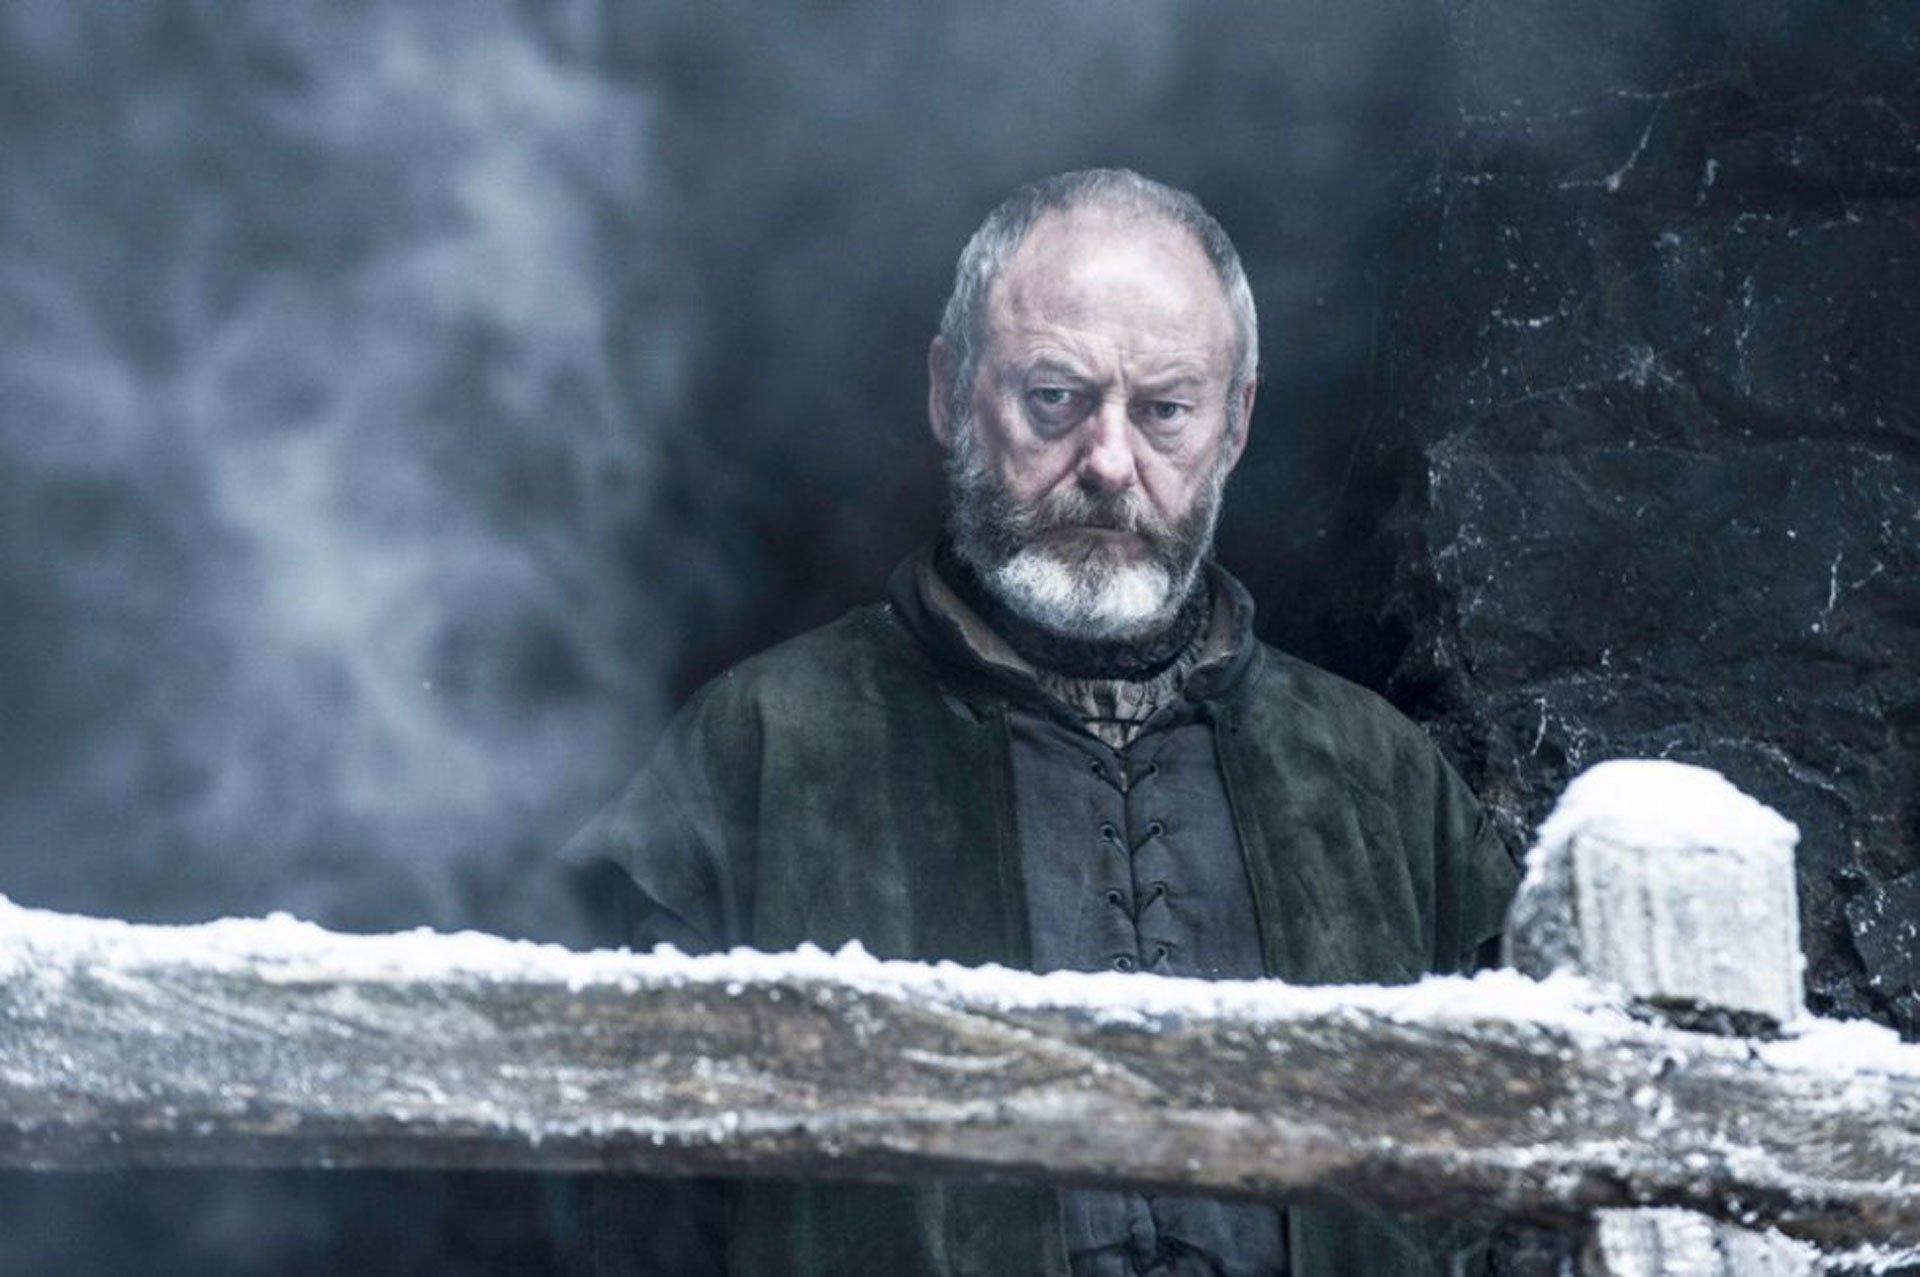 Davos Seaworth, interpretado por Liam Cunningham